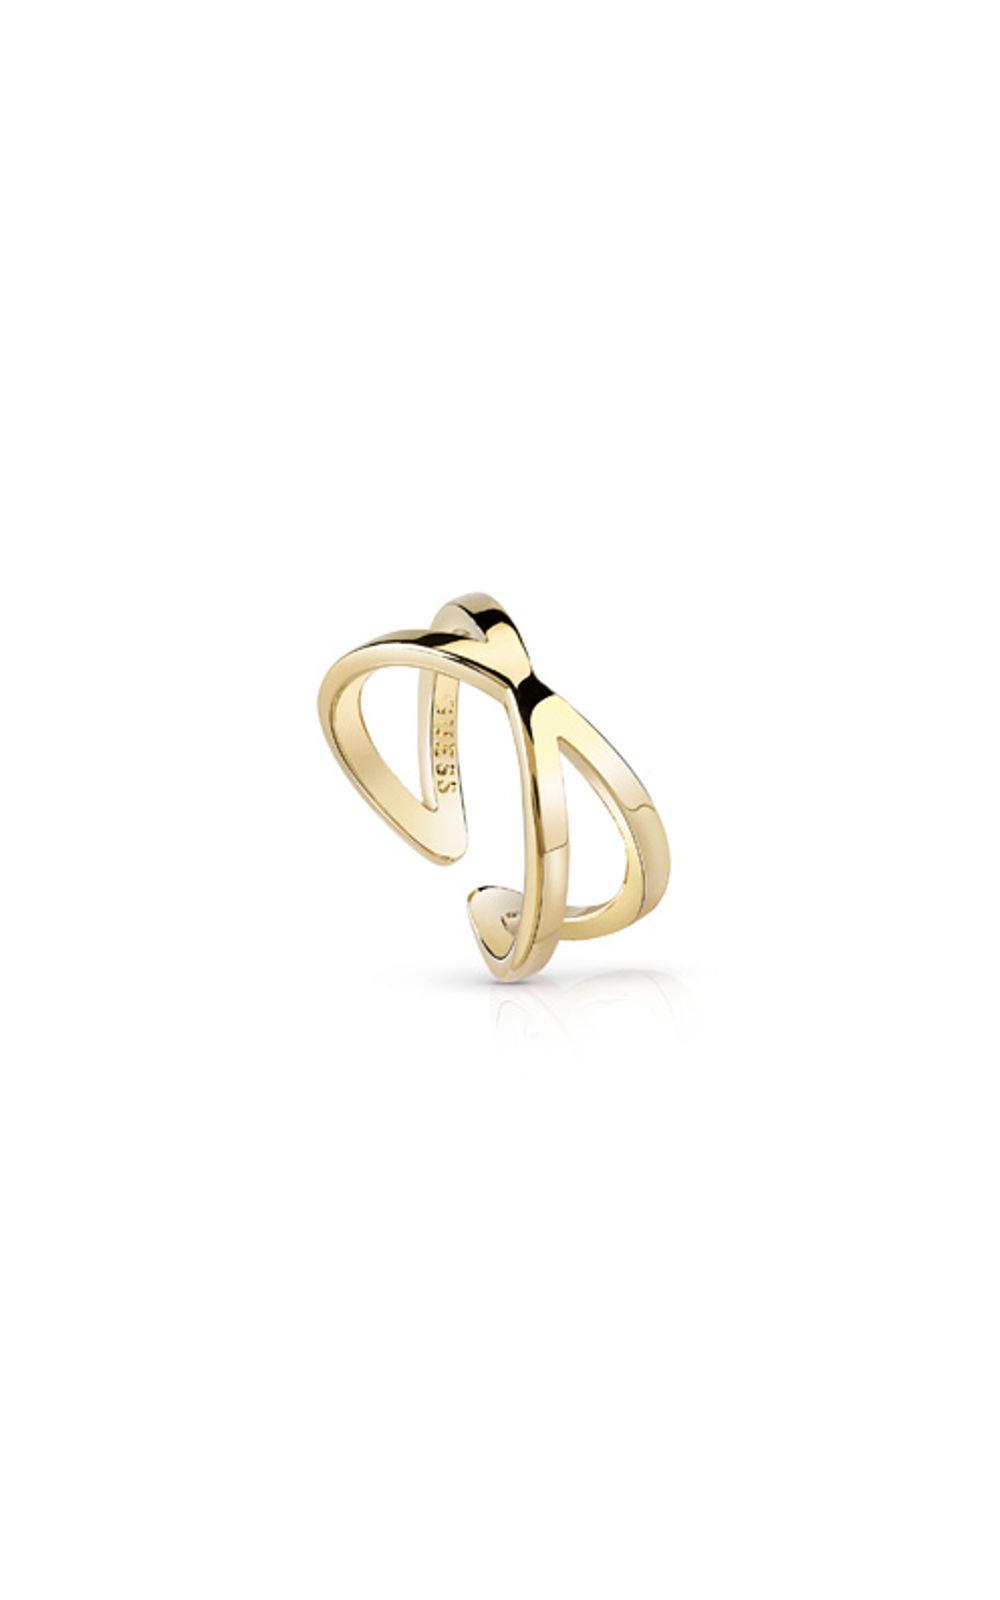 GUESS FAUX UBR84005-54 Χρυσό Δαχτυλίδι